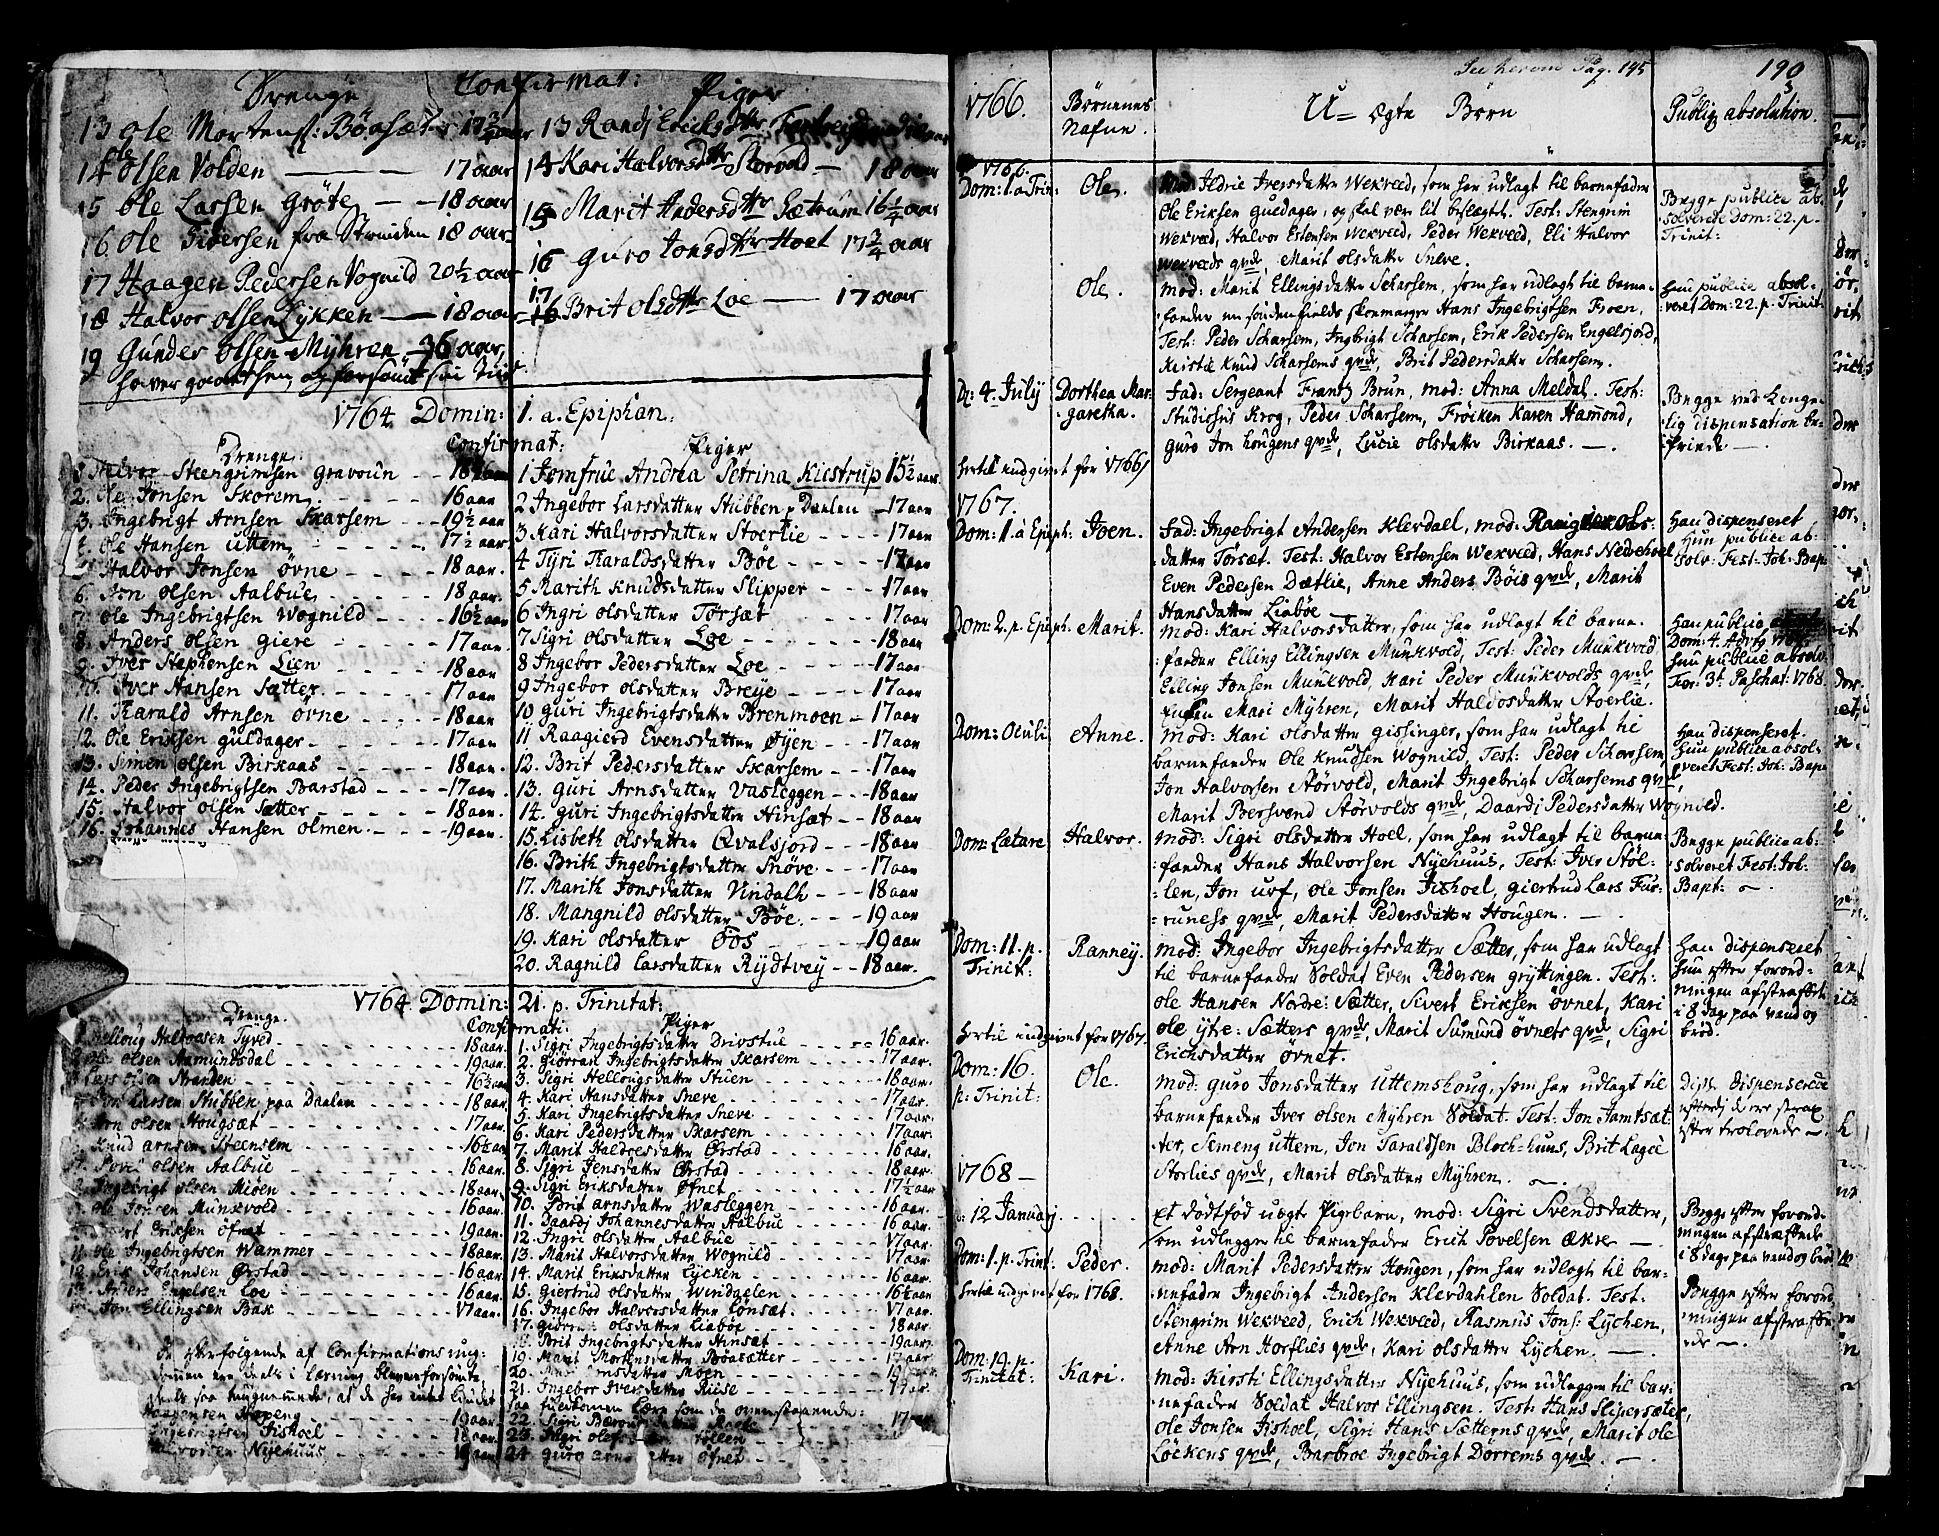 SAT, Ministerialprotokoller, klokkerbøker og fødselsregistre - Sør-Trøndelag, 678/L0891: Ministerialbok nr. 678A01, 1739-1780, s. 190